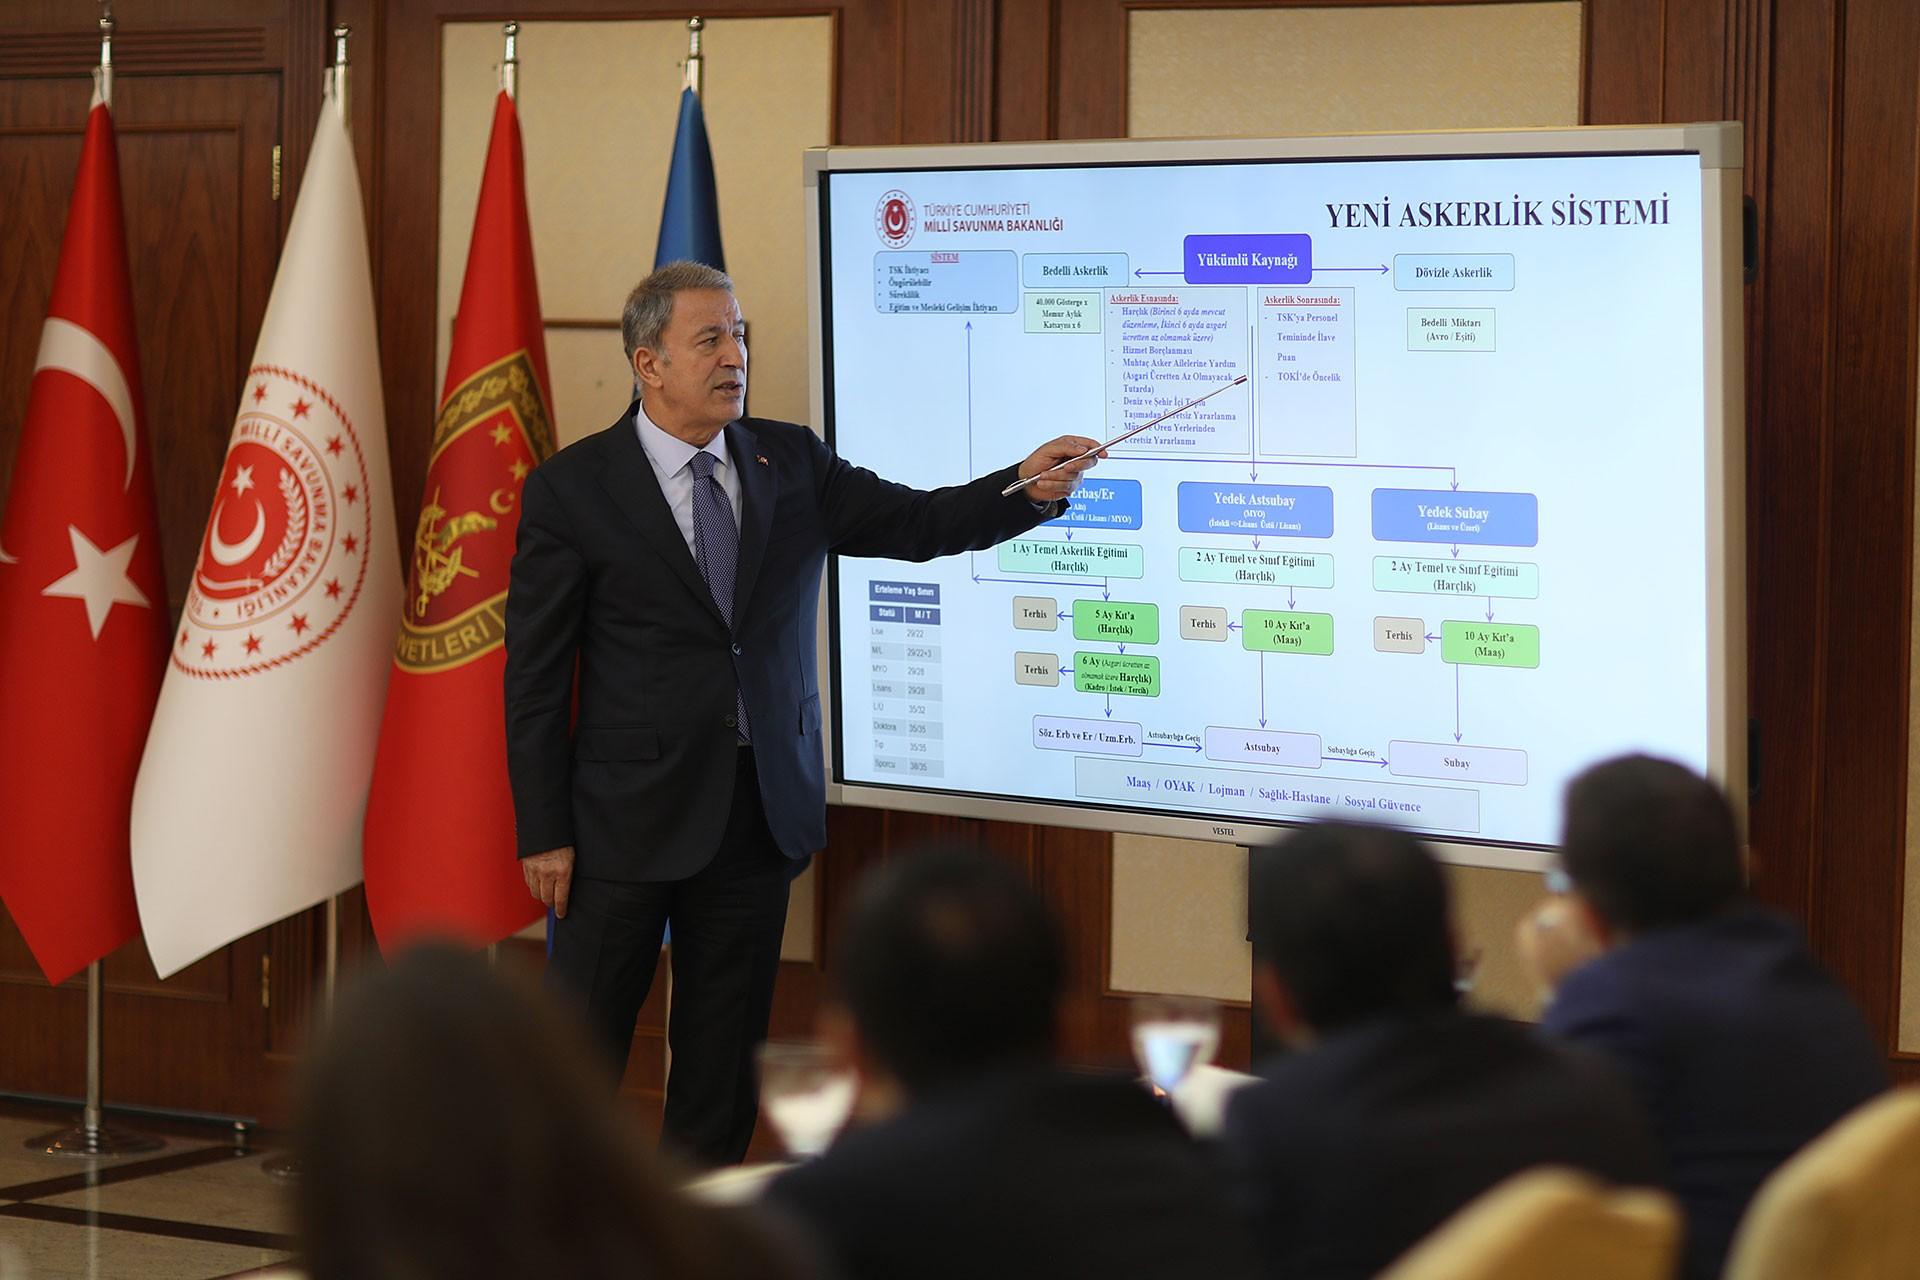 Milli Savunma Bakanı Hulusi Akar, yeni askerlik sistemini anlattı